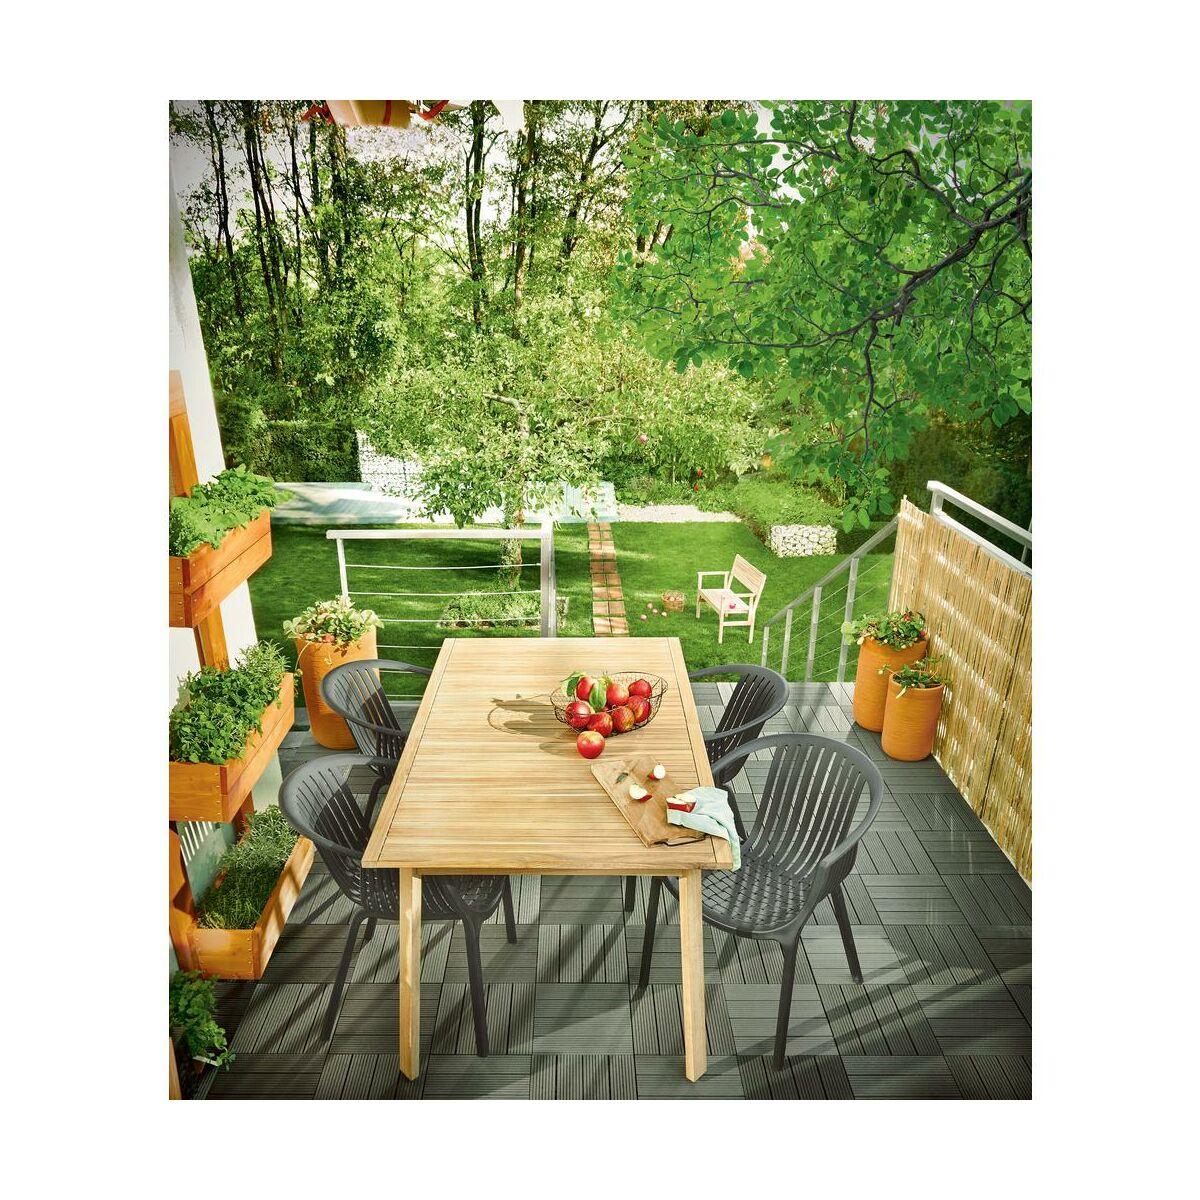 Mata Z Polowek Bambusa 5 M X 150 Cm Bamboocane Oslony Balkonowe Naturalne W Atrakcyjnej Cenie W Sklepach Leroy Merlin